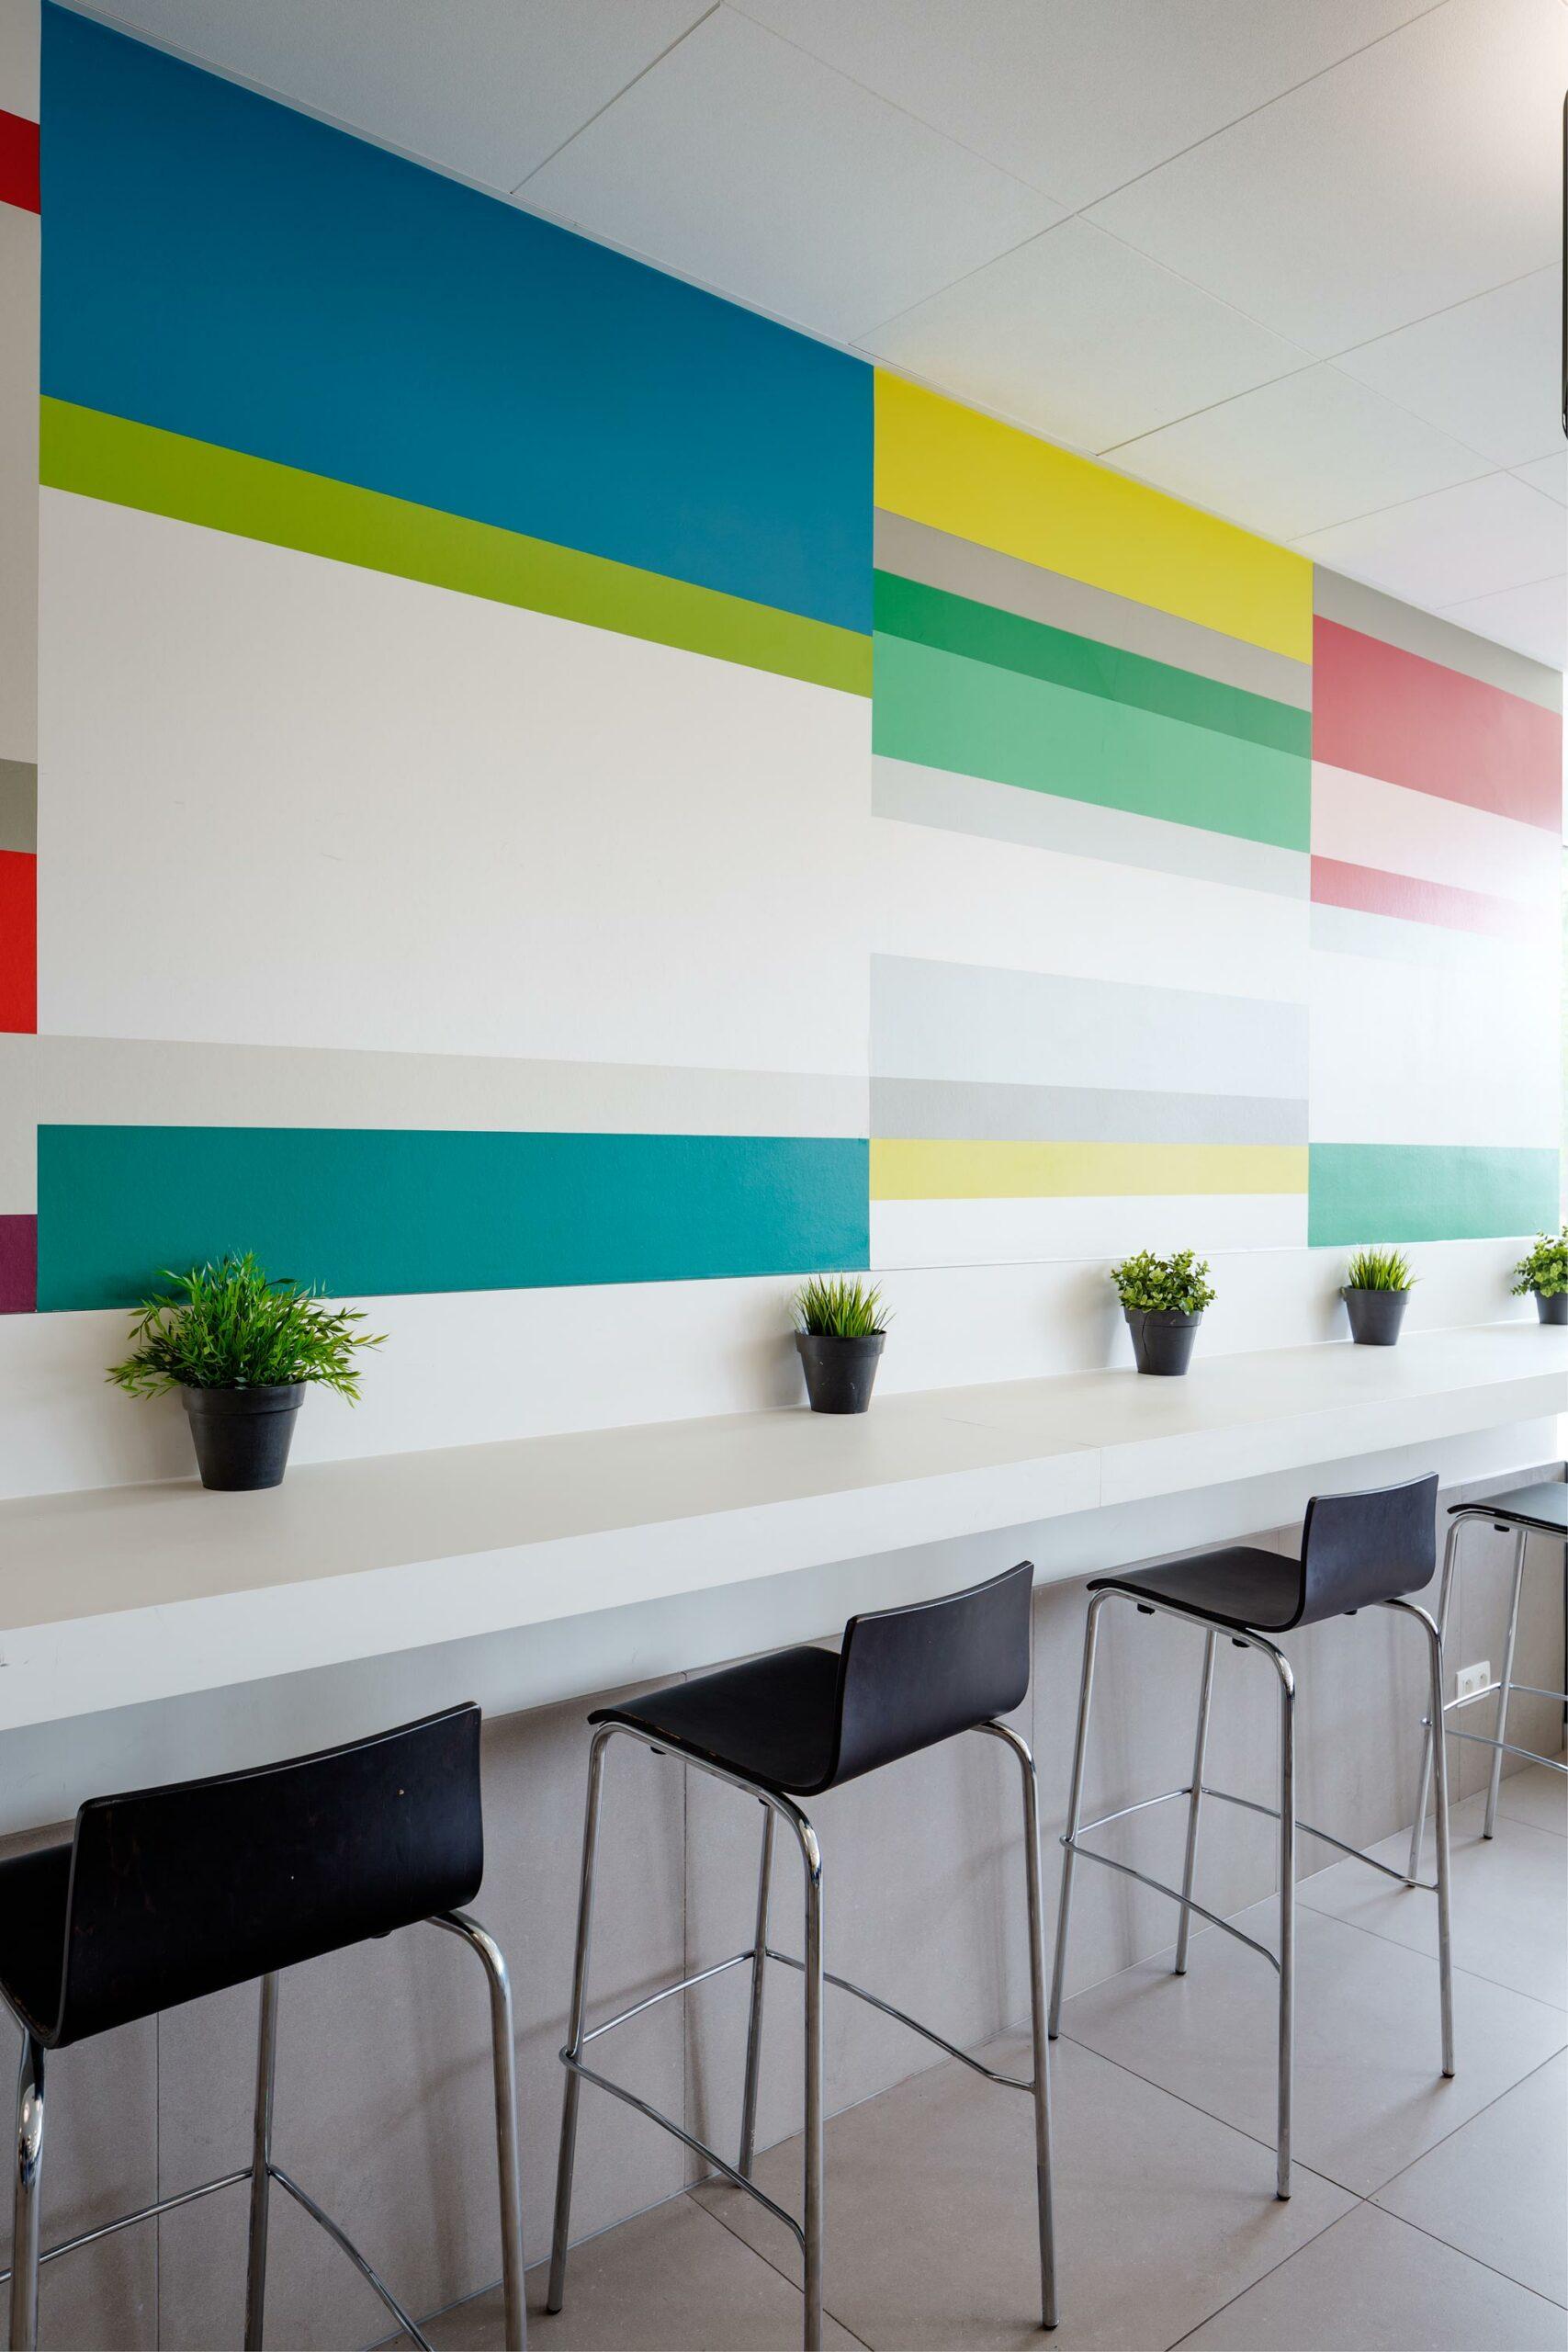 Schilderwerk eetruimte, patroon op muur in meerdere kleuren